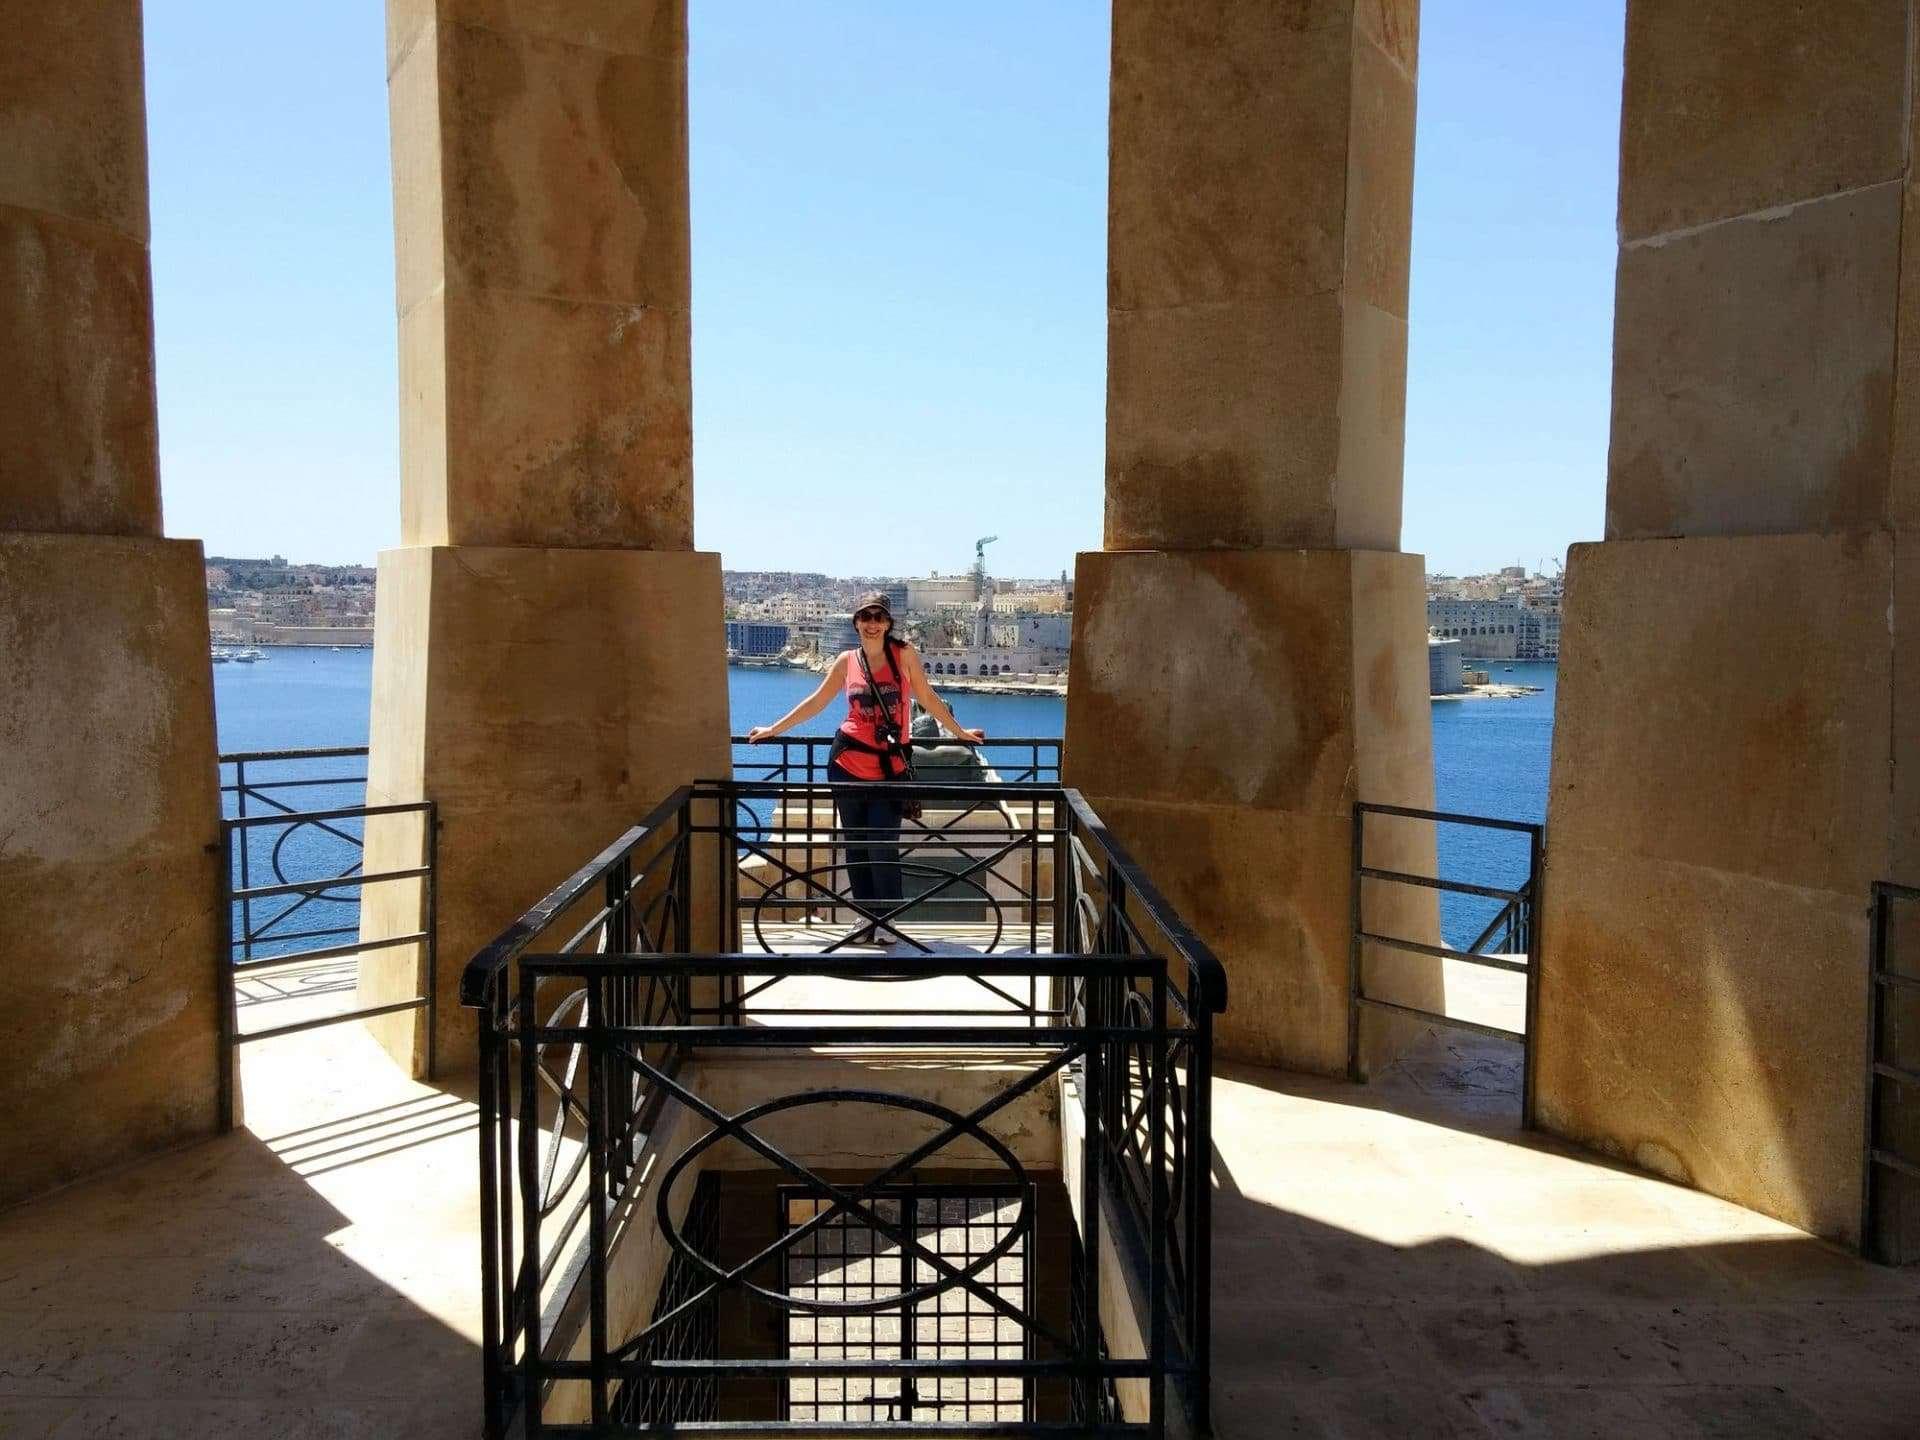 torre_sant_elmo_la_valletta_malta